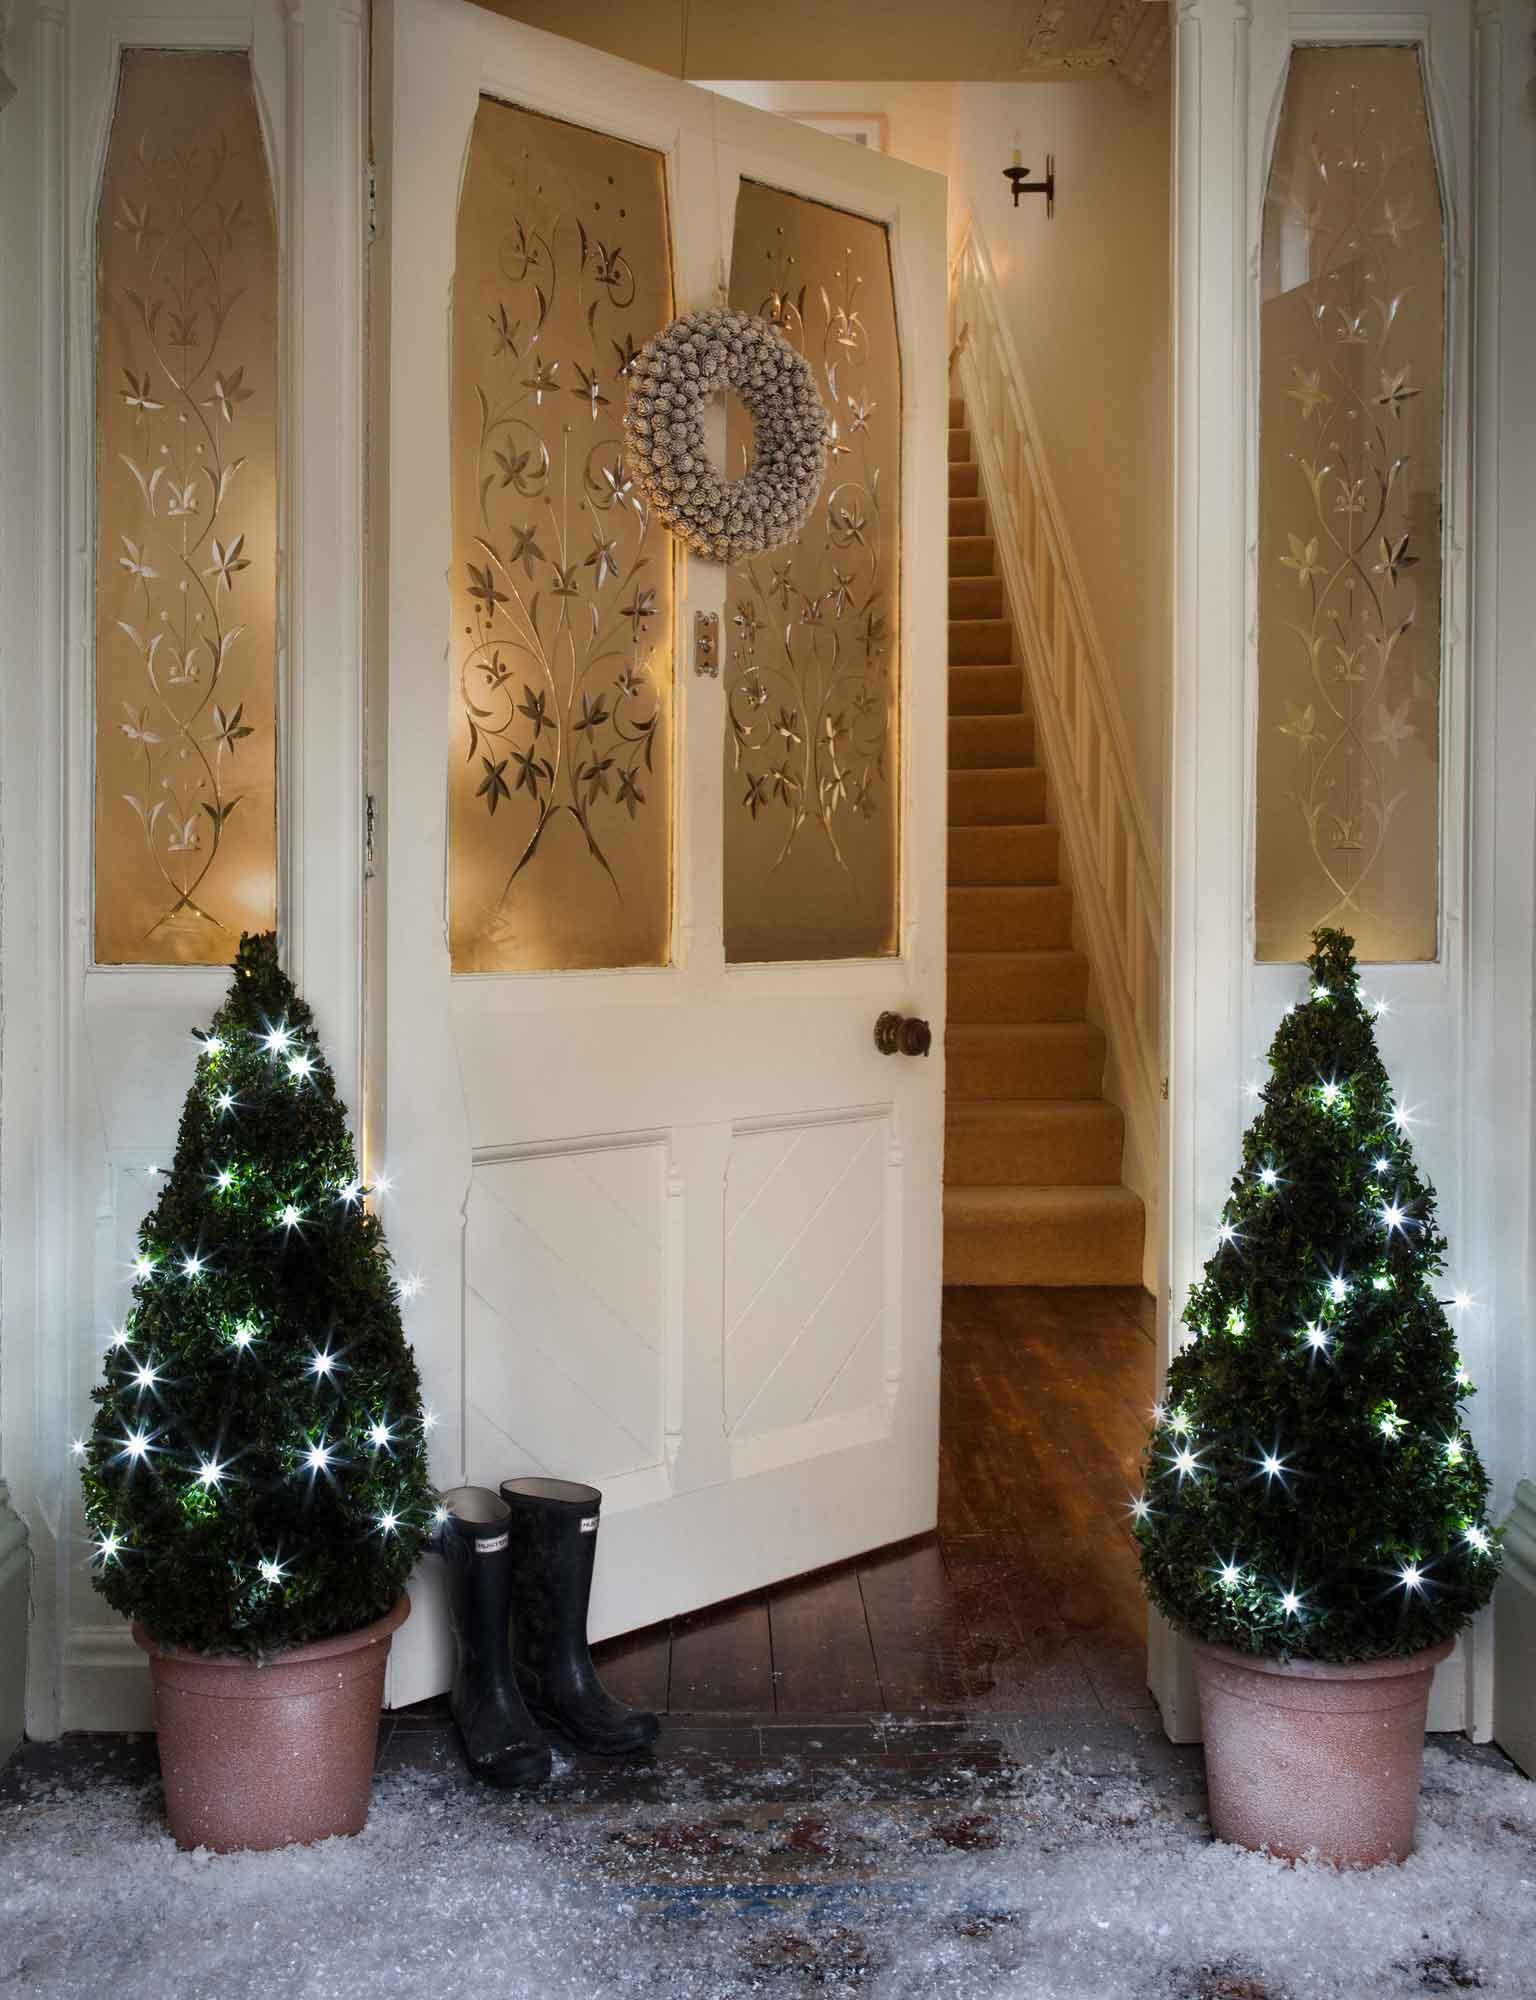 Ideen Weihnachtsbeleuchtung Außen.Ideen Zur Weihnachtsbeleuchtung Im Garten Lights4fun De